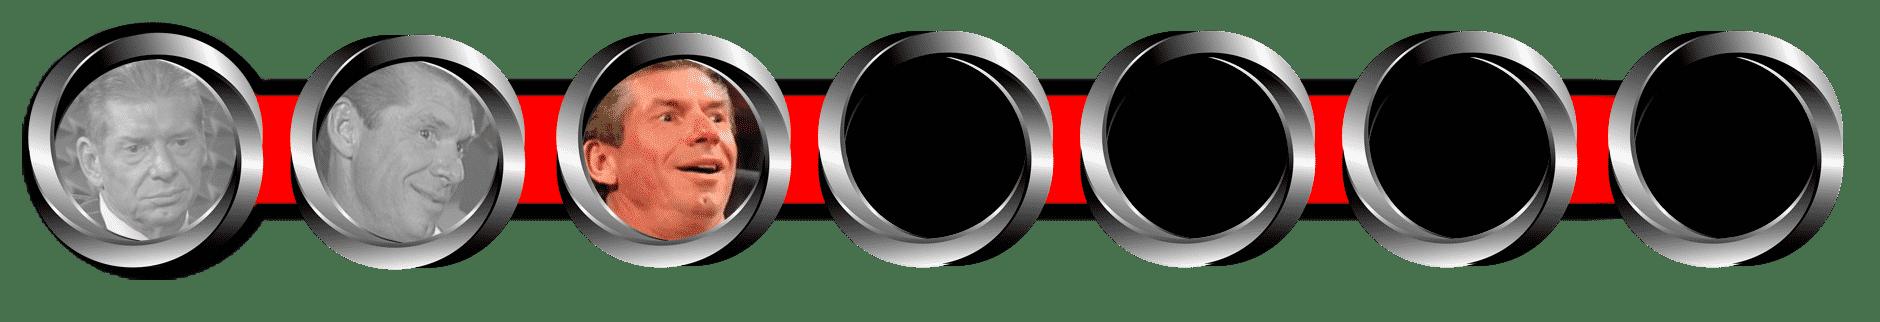 Vince'ometro: los ex WWE que firmaron con AEW 10